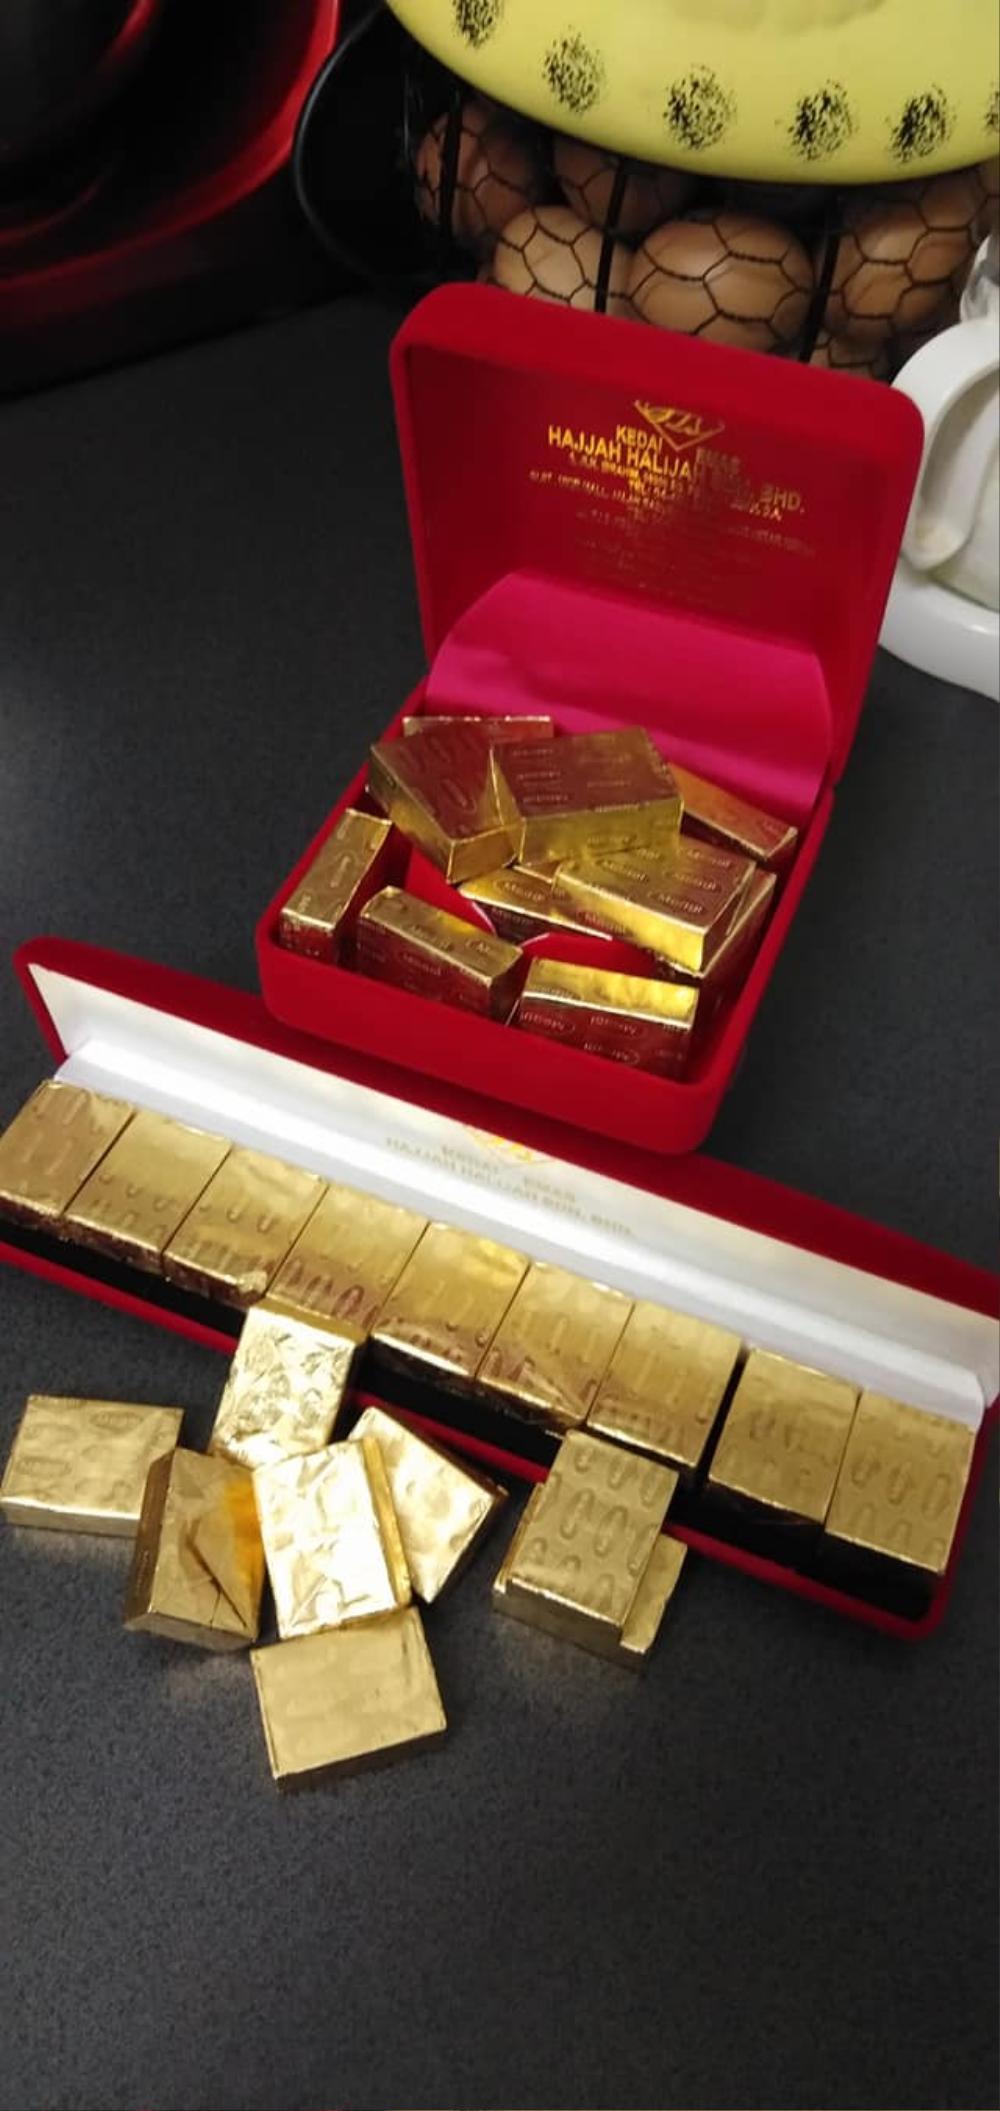 Ngỡ chồng tặng vàng thỏi, vợ háo hức mở quà thì 'méo mặt' khi thấy món này Ảnh 3